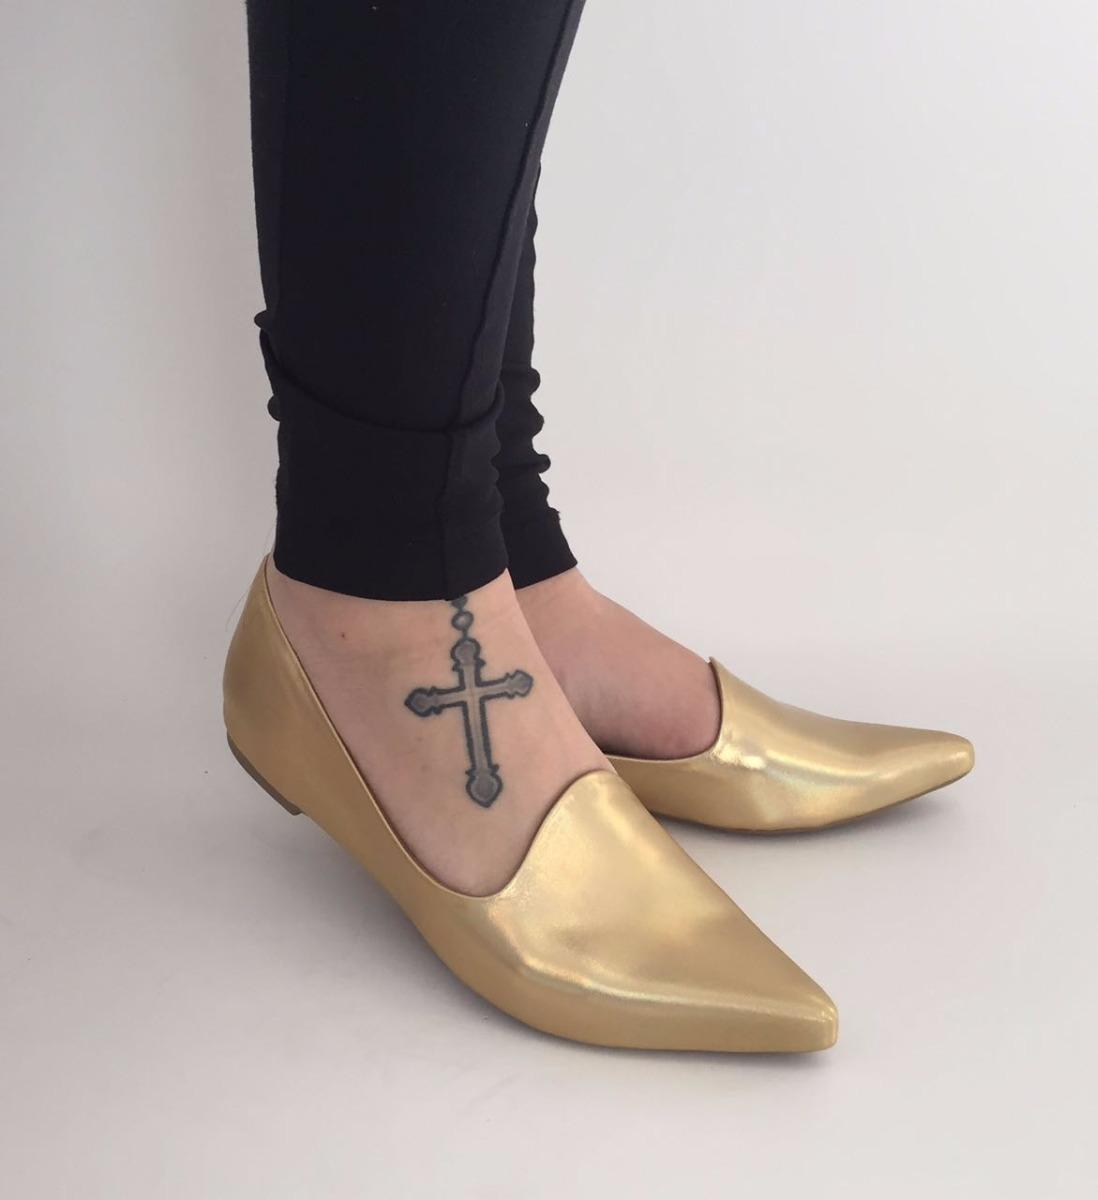 db1e13c050 sapatilha bico fino dourado metalizado. Carregando zoom.